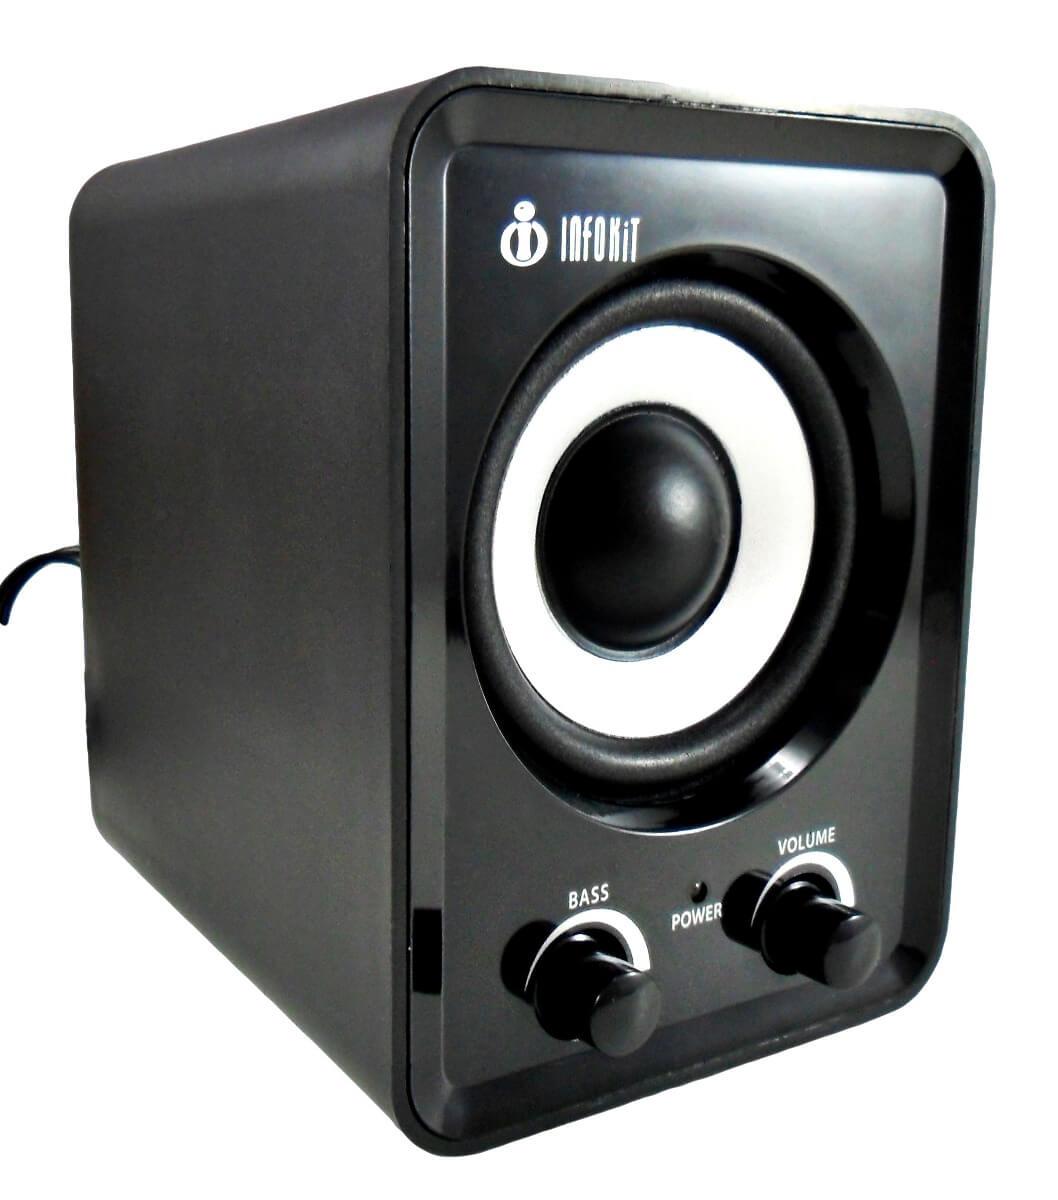 Caixa de Som com Subwoofer 2.1 11 Watts Rms Infokit VC-G200